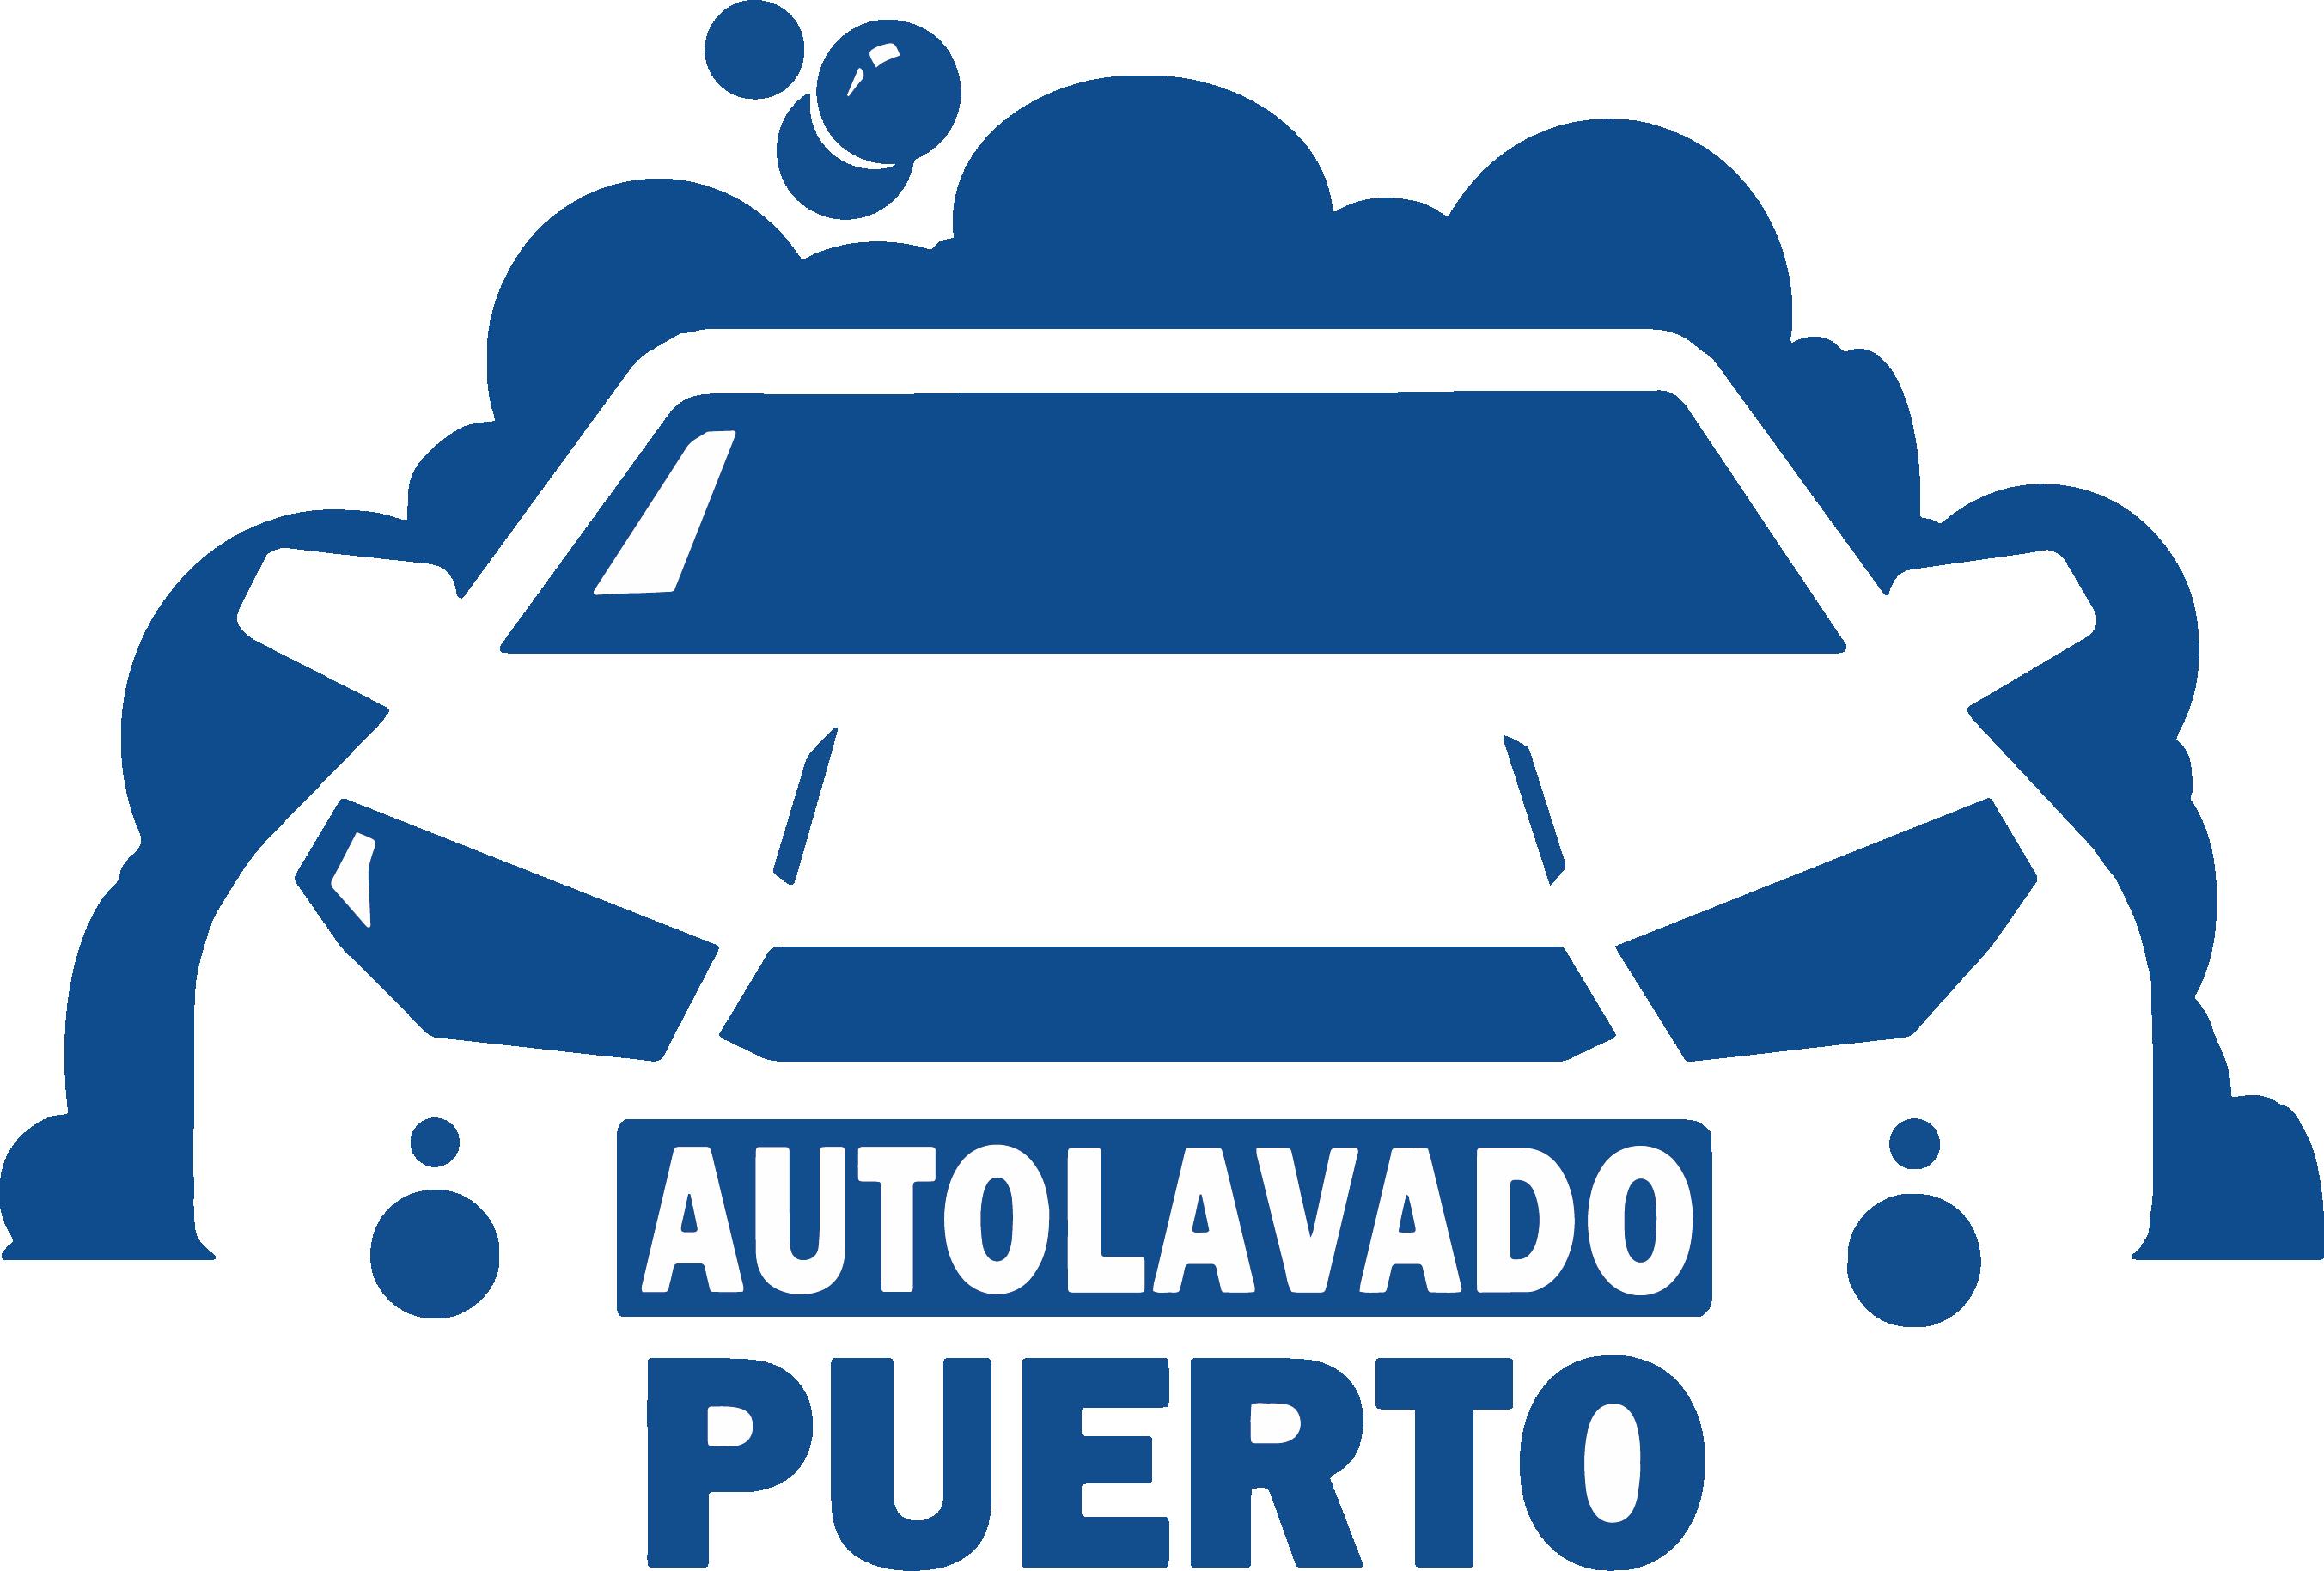 Autolavado Puerto